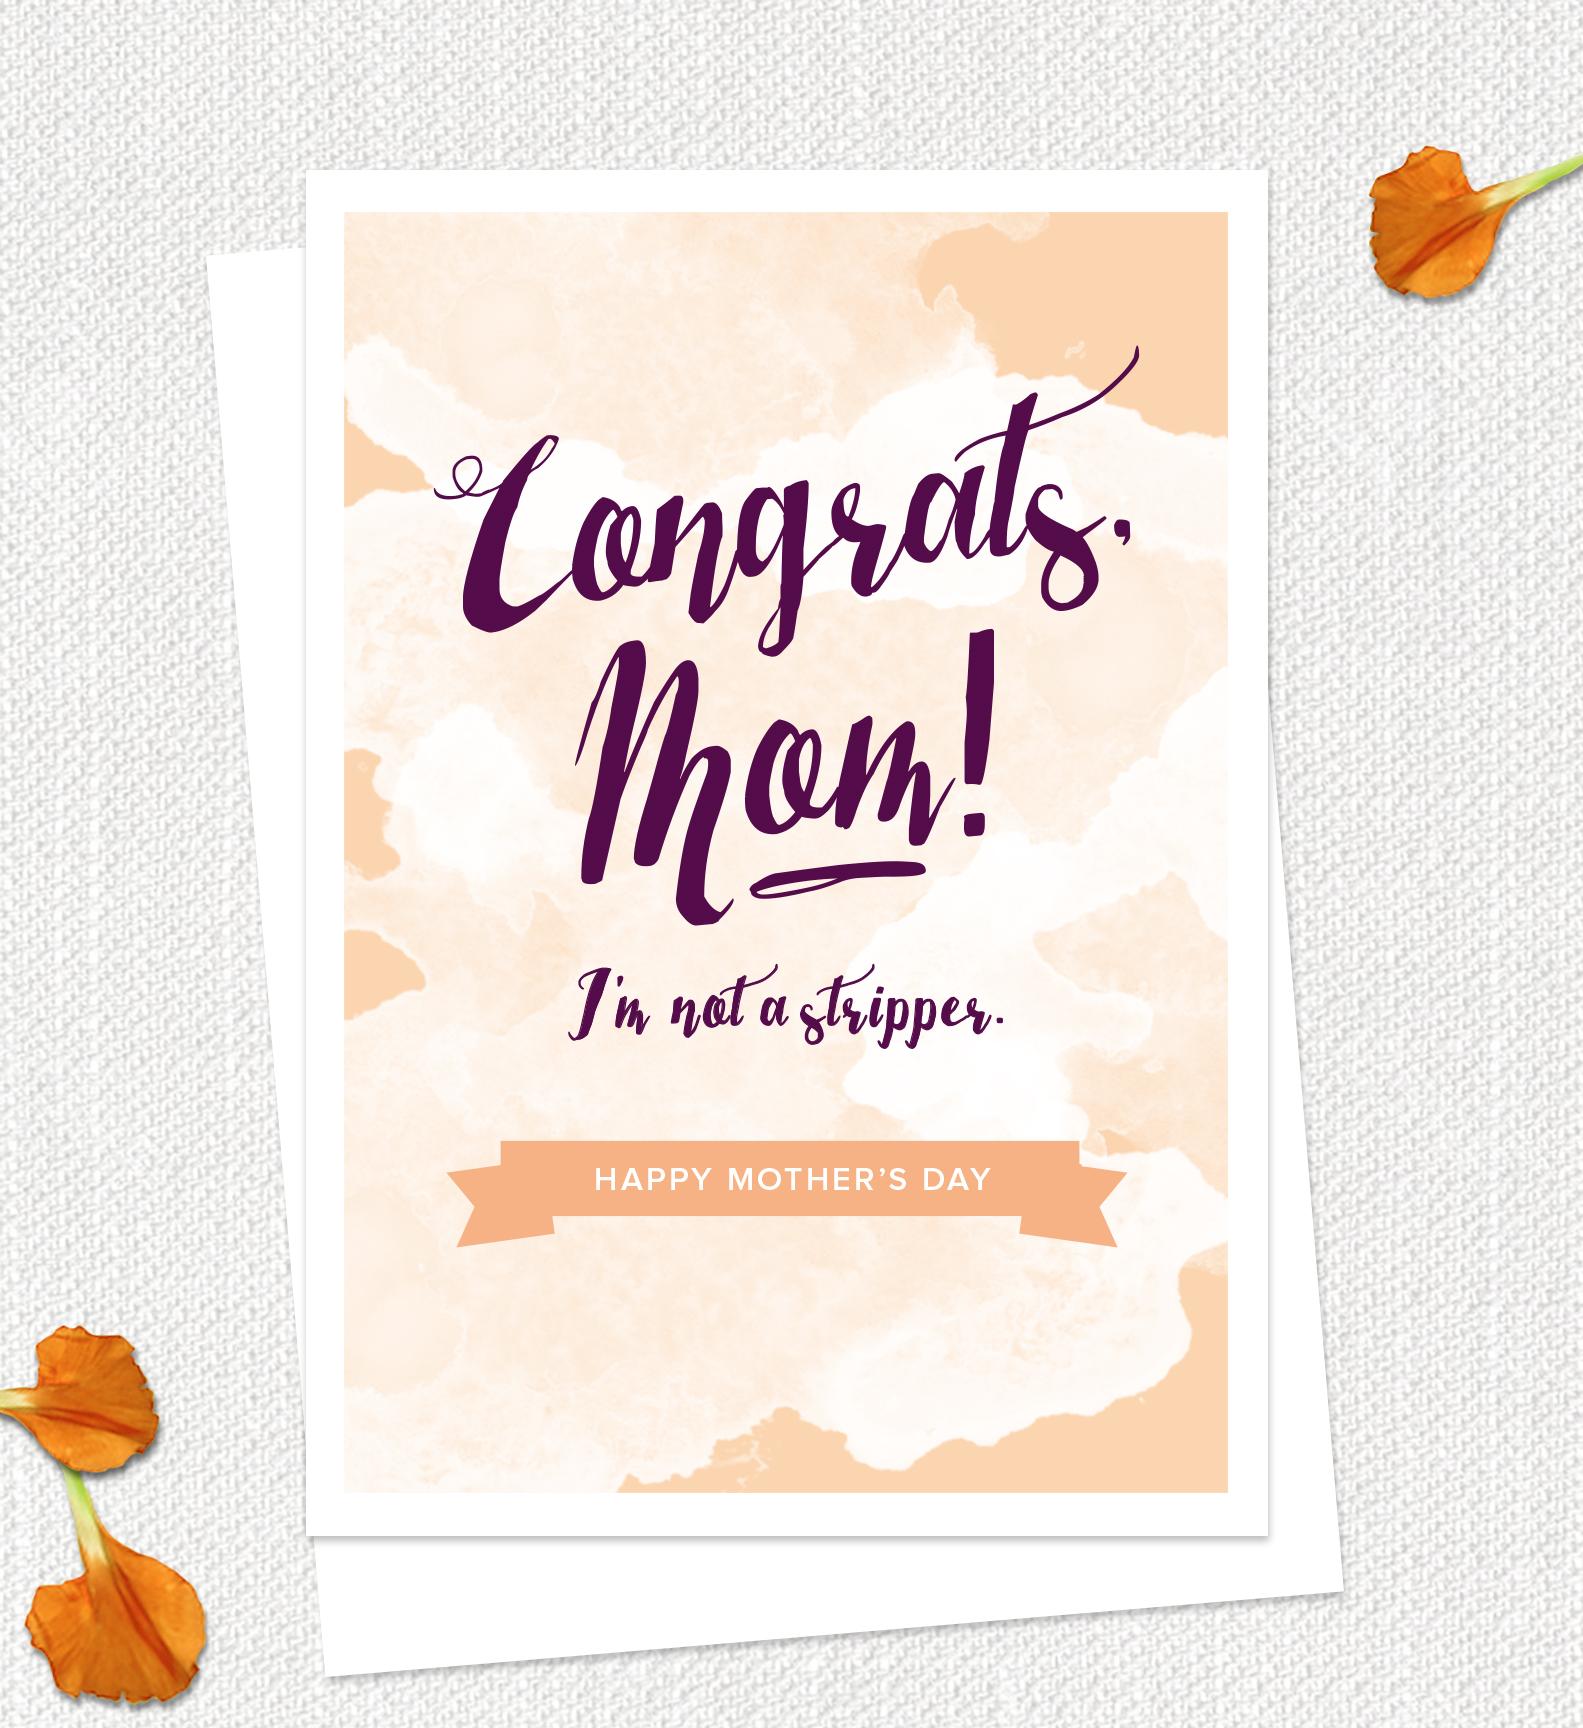 congrats mom1.jpg